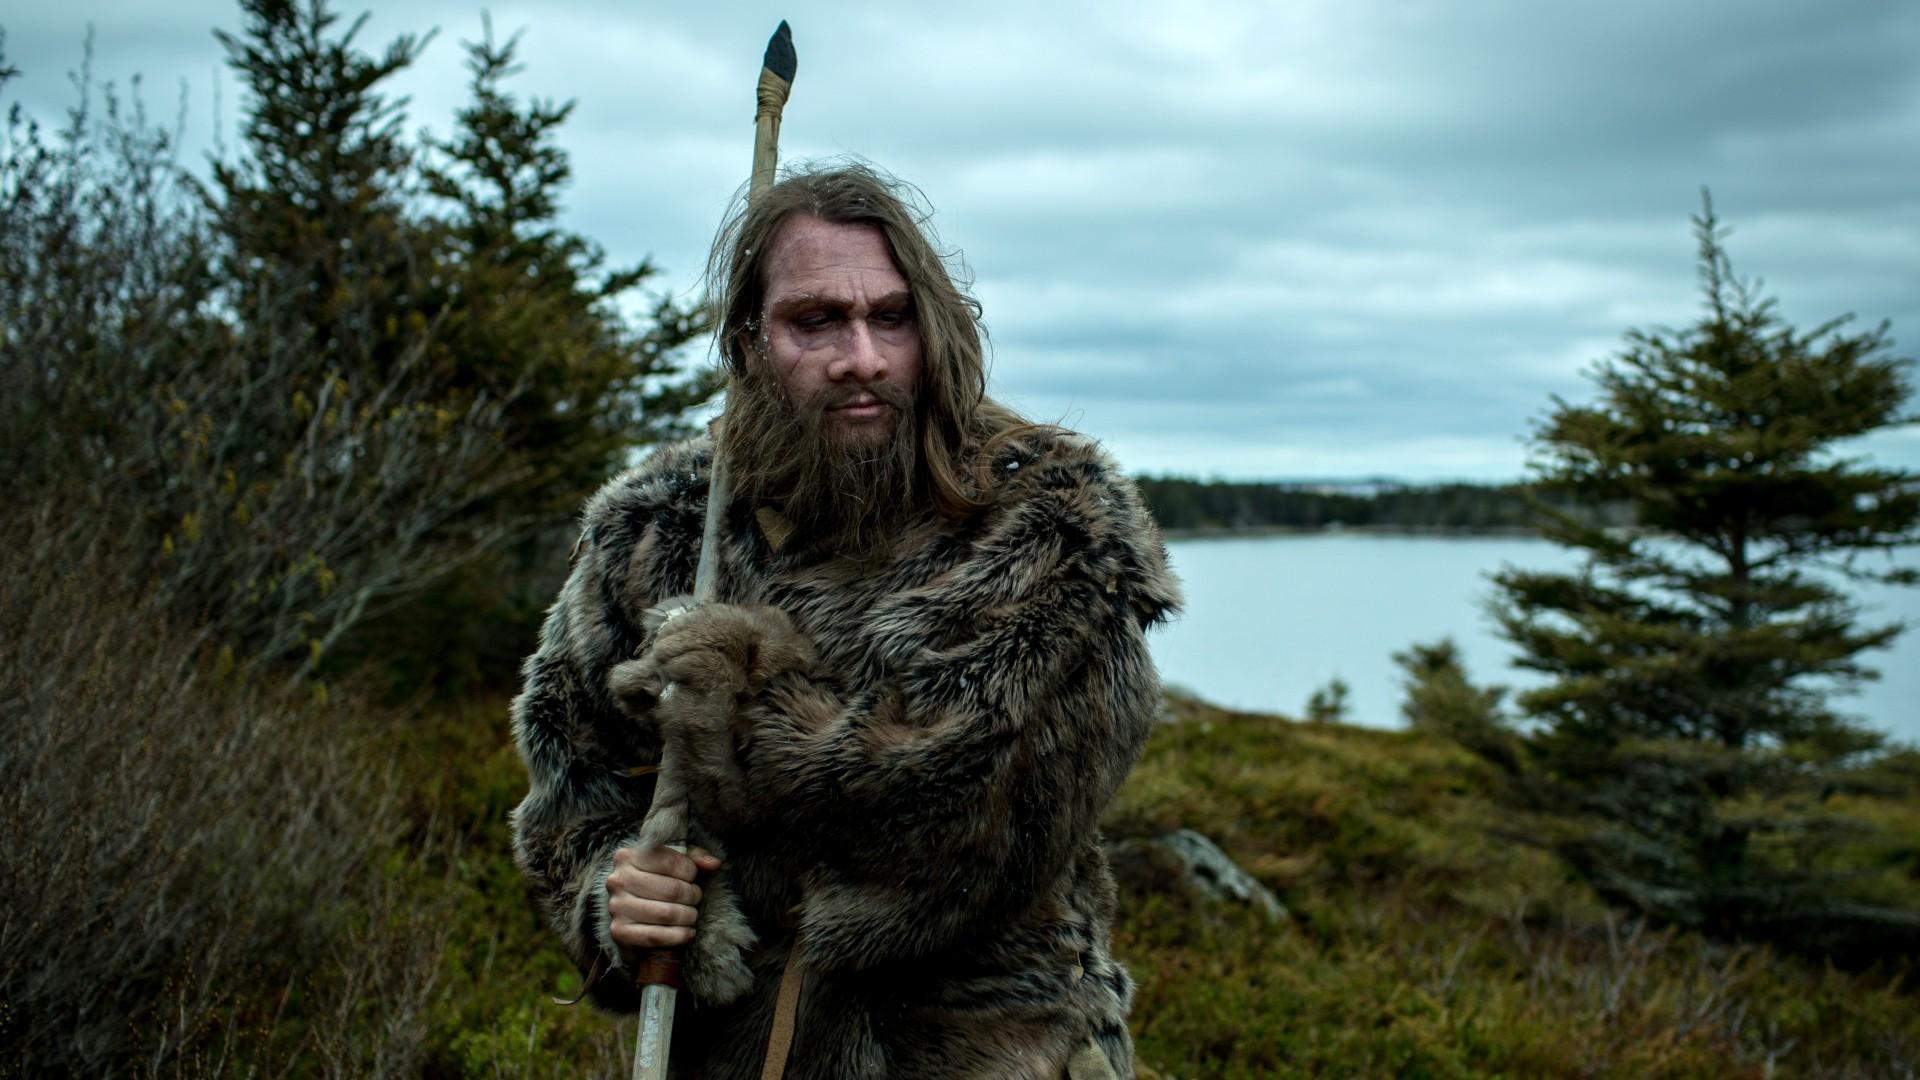 Apocalypse Neanderthal